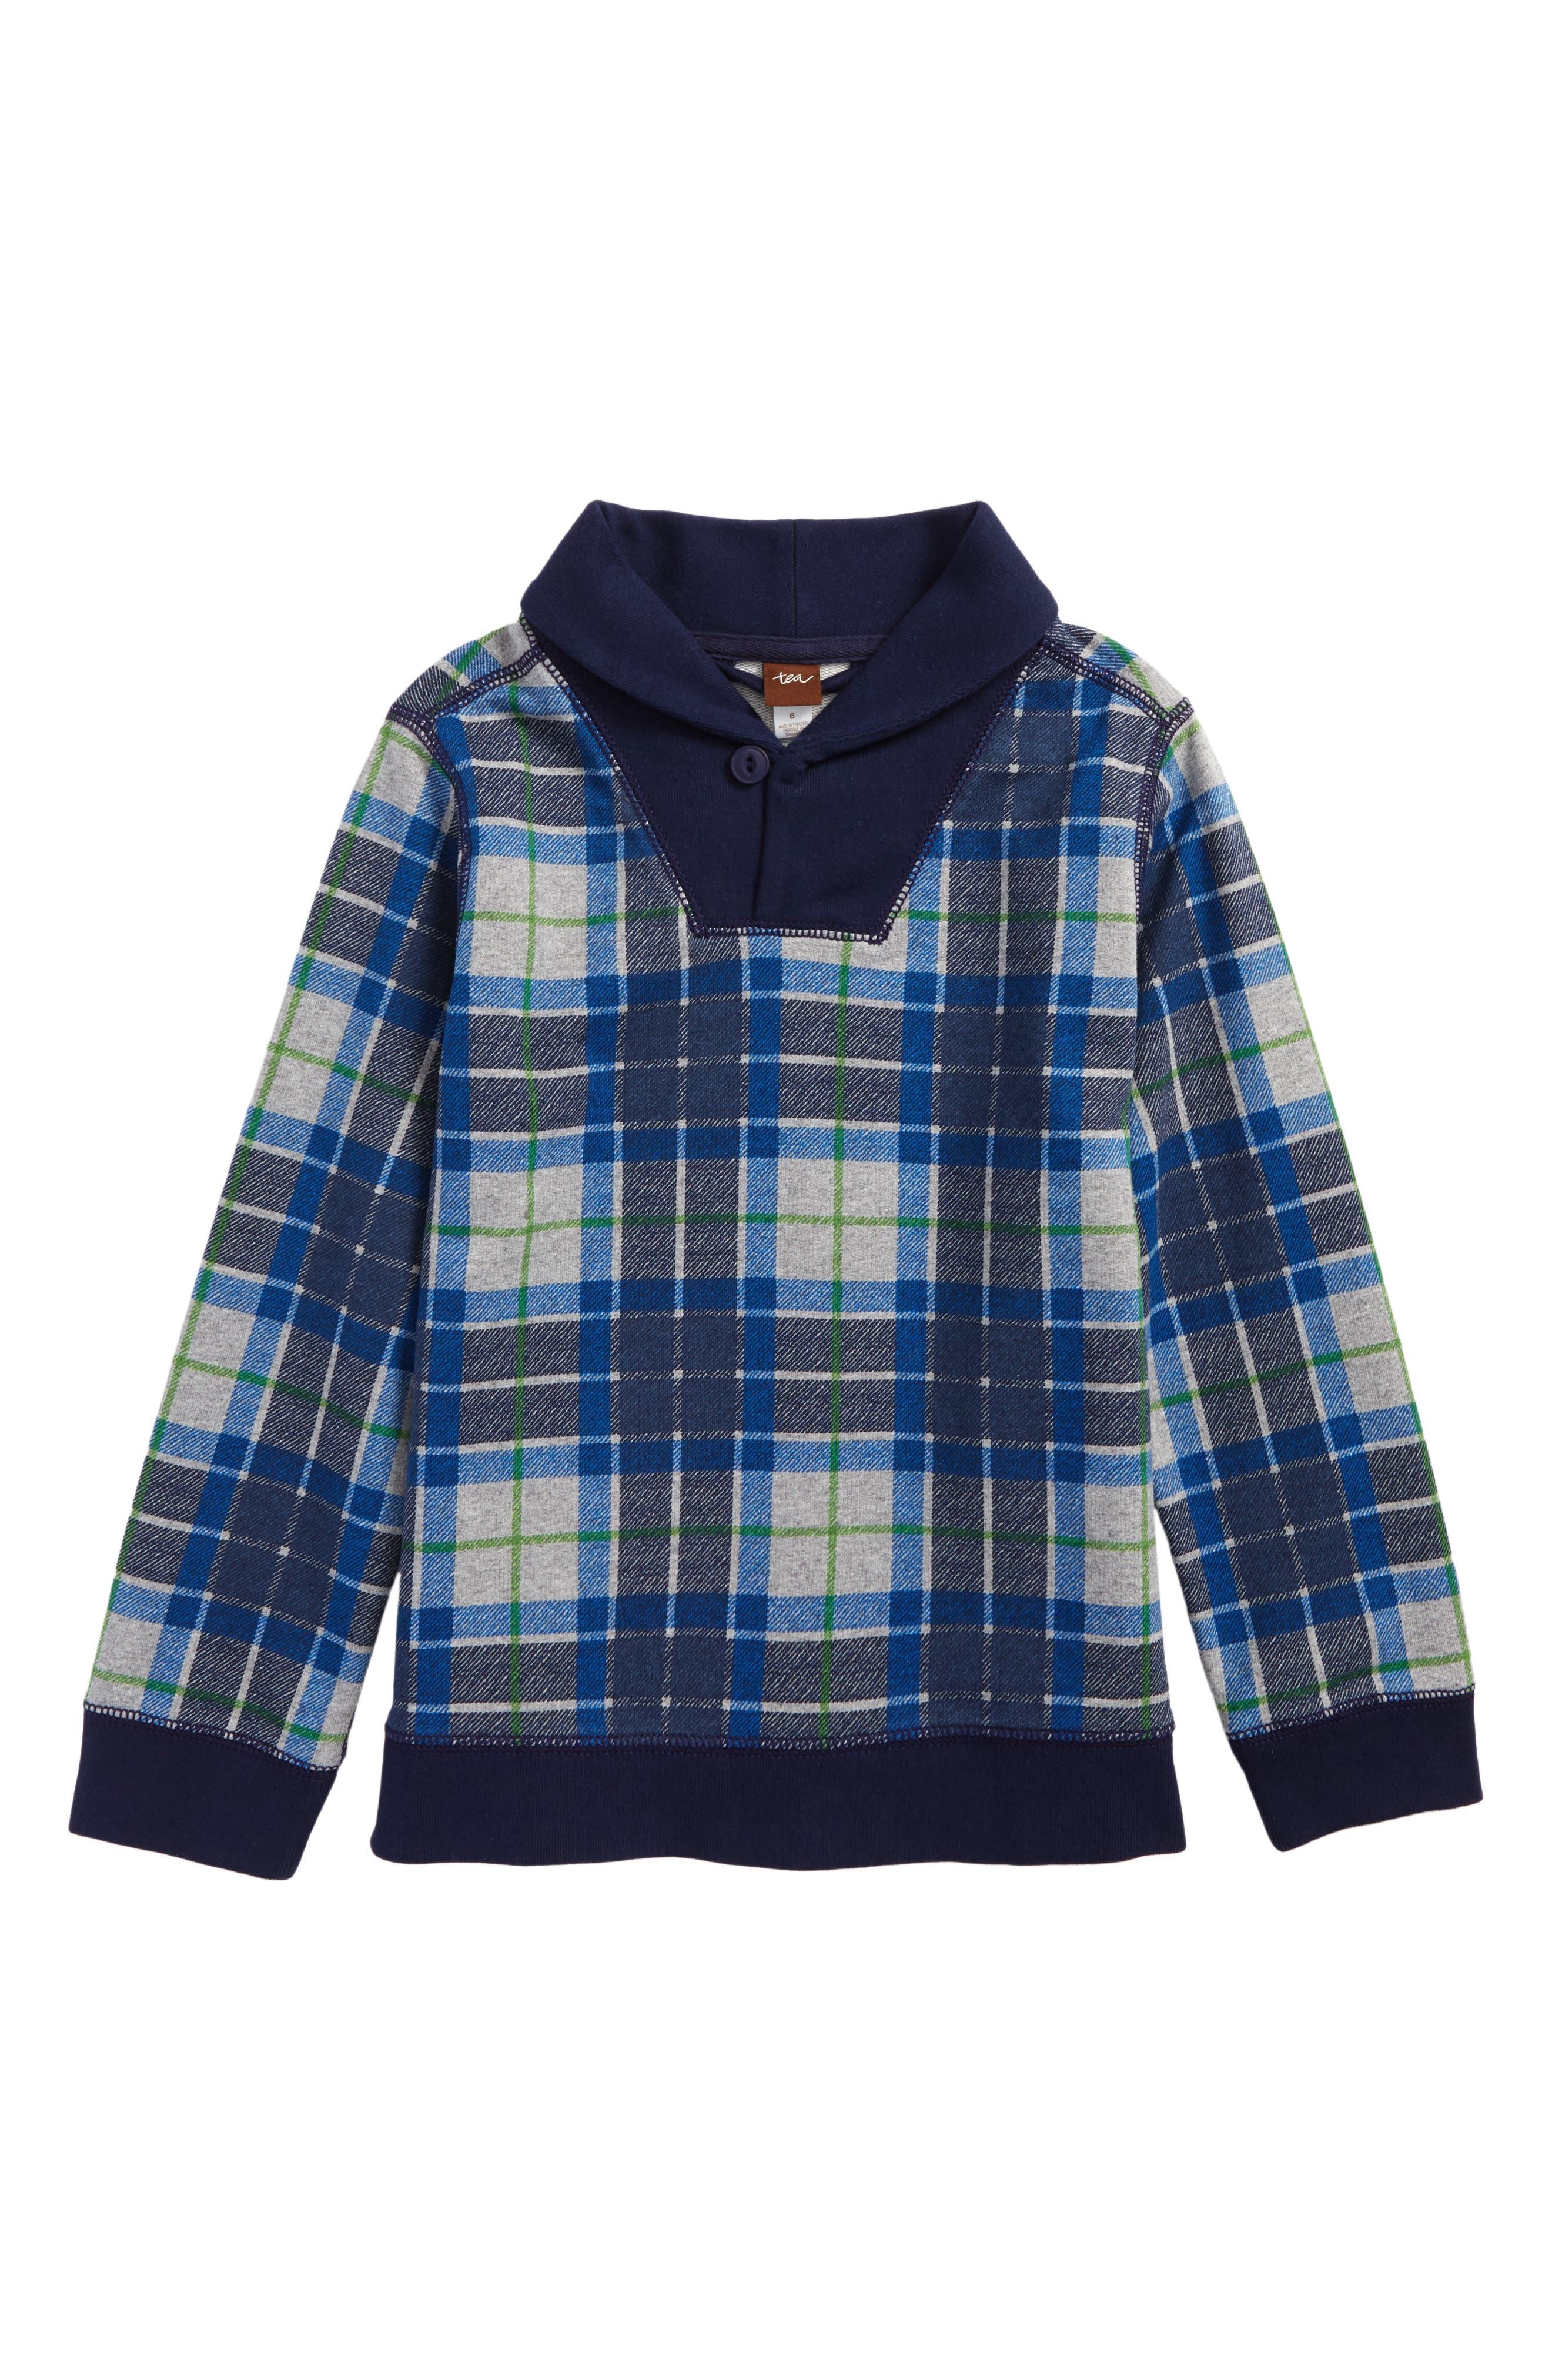 Main Image - Tea Collection Tartan Pullover (Toddler Boys & Little Boys)